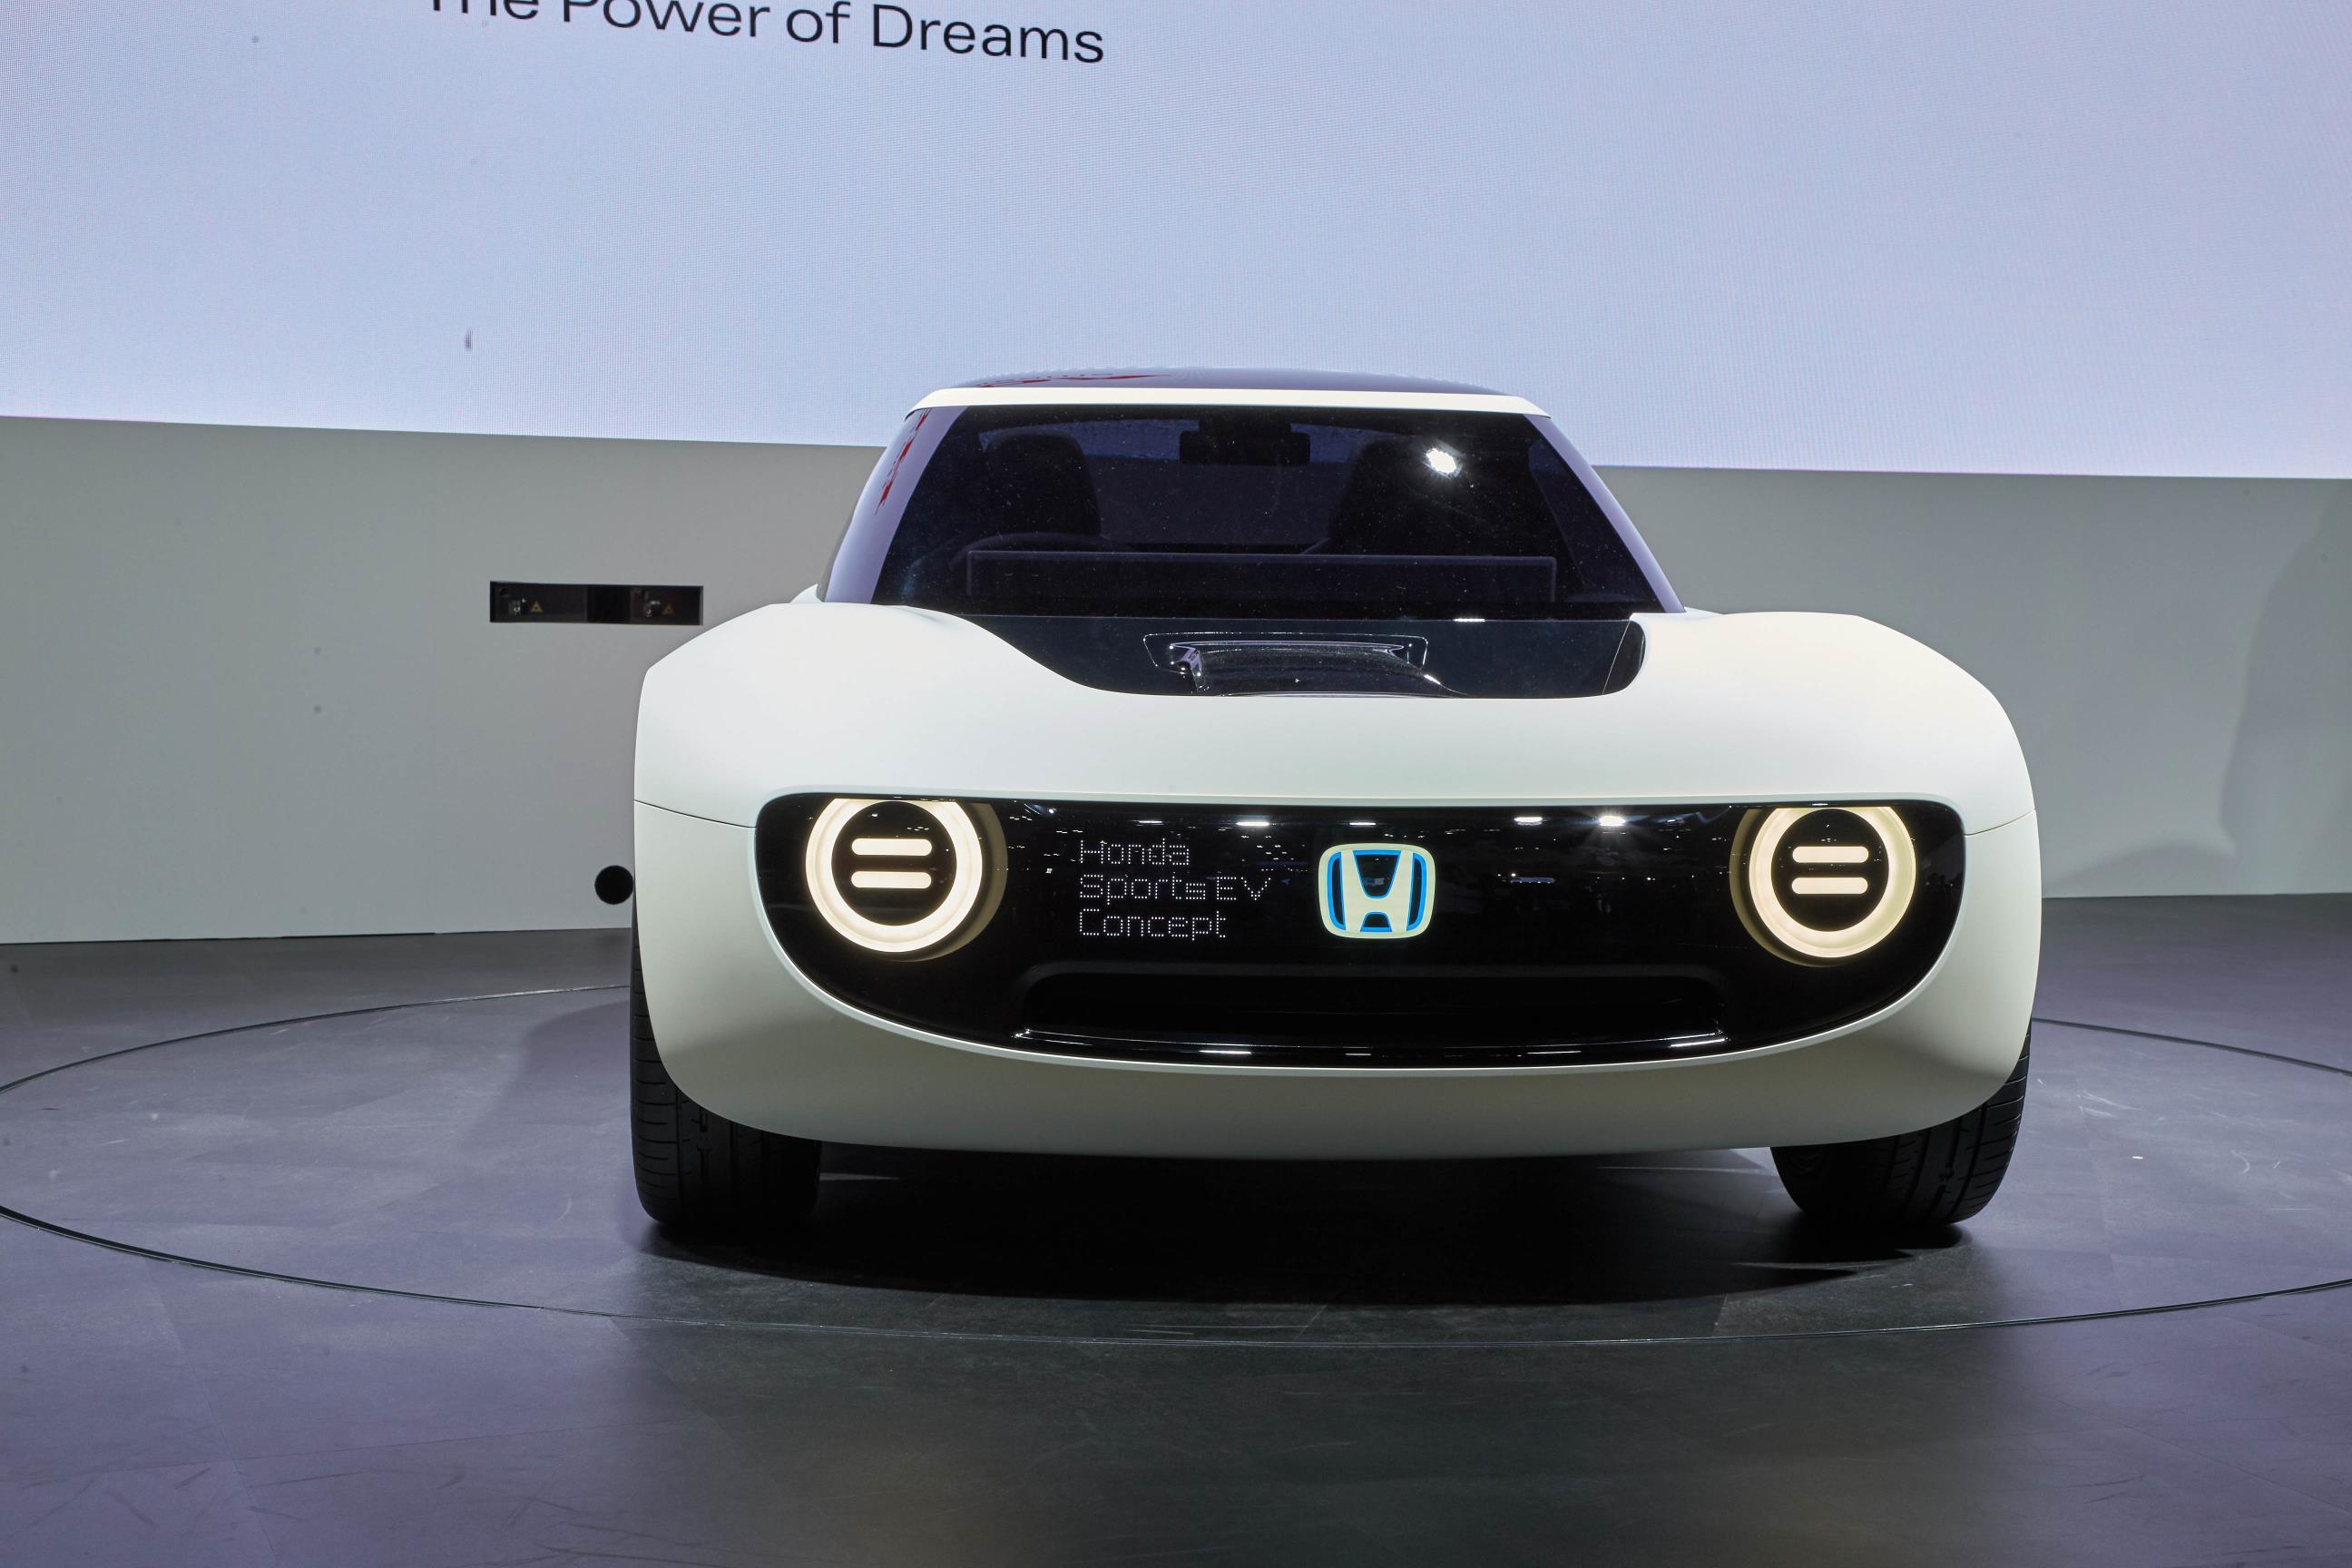 Superb ... Honda Sports EV And Urban EV Concepts Reveal Future Retro Japanese  Design ...